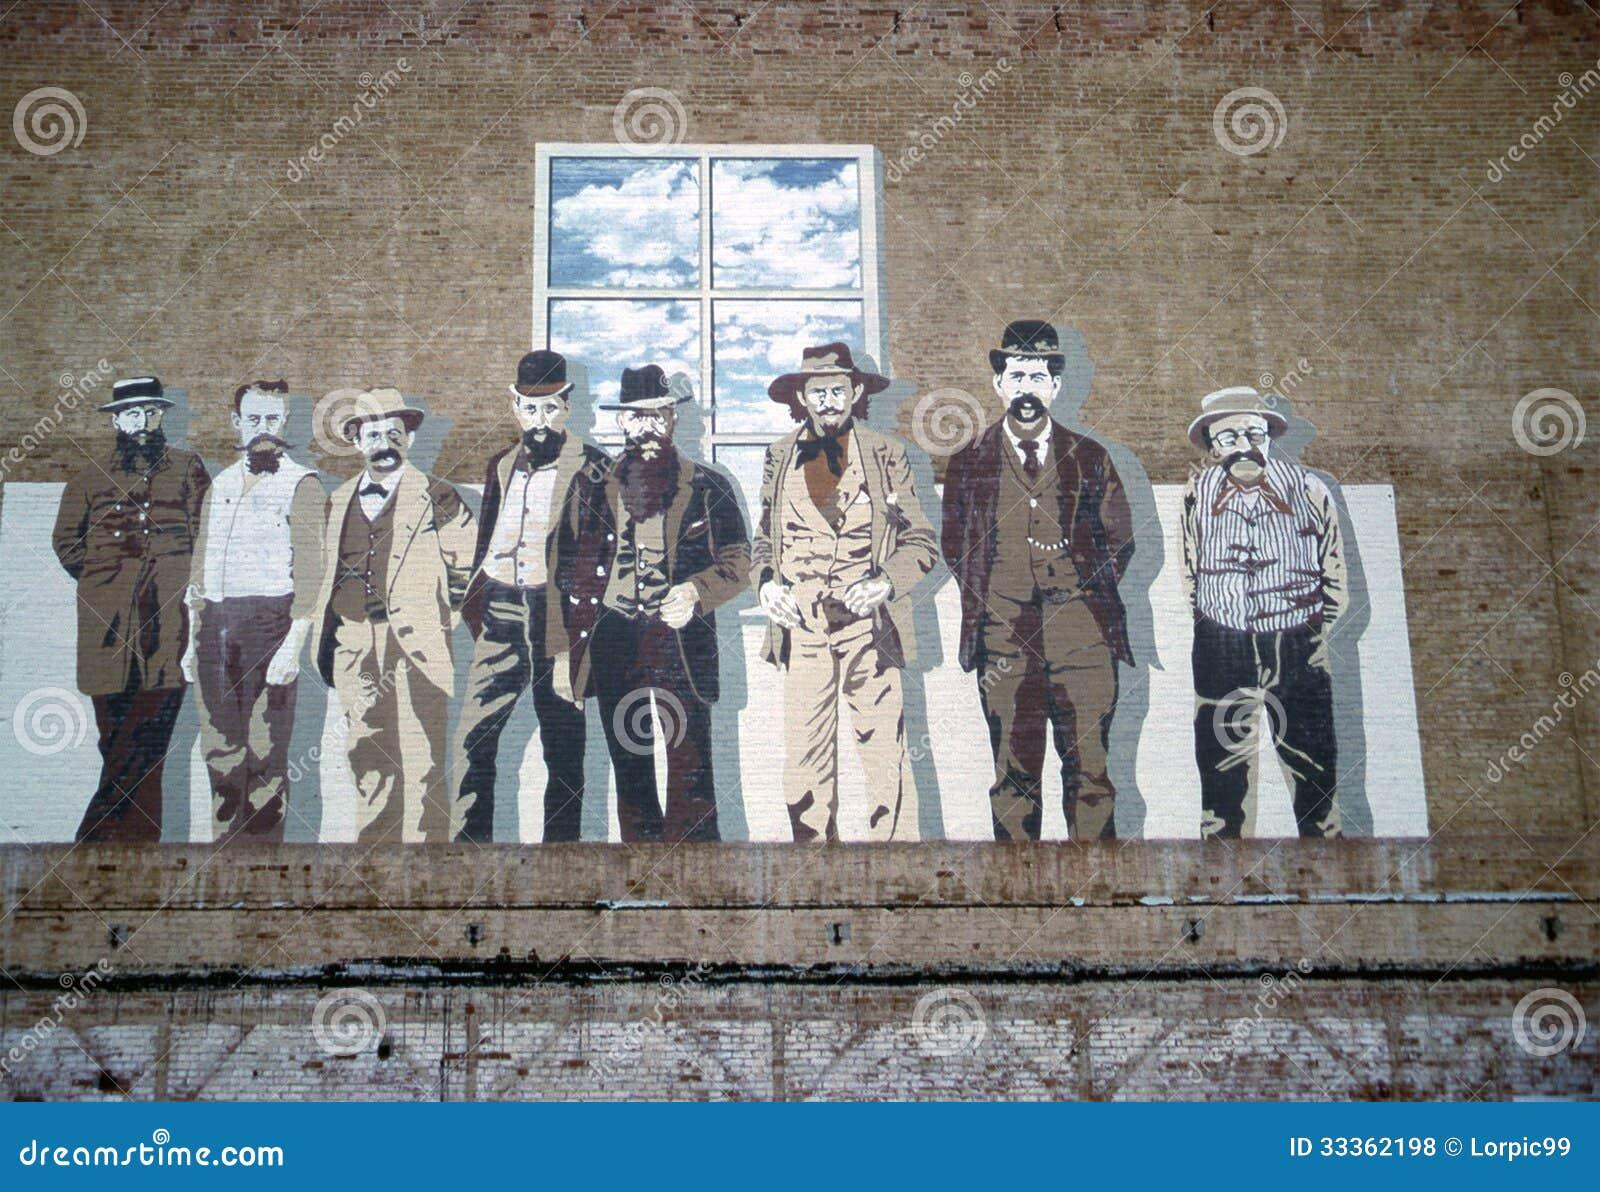 Mural editorial stock photo image 33362198 for California mural